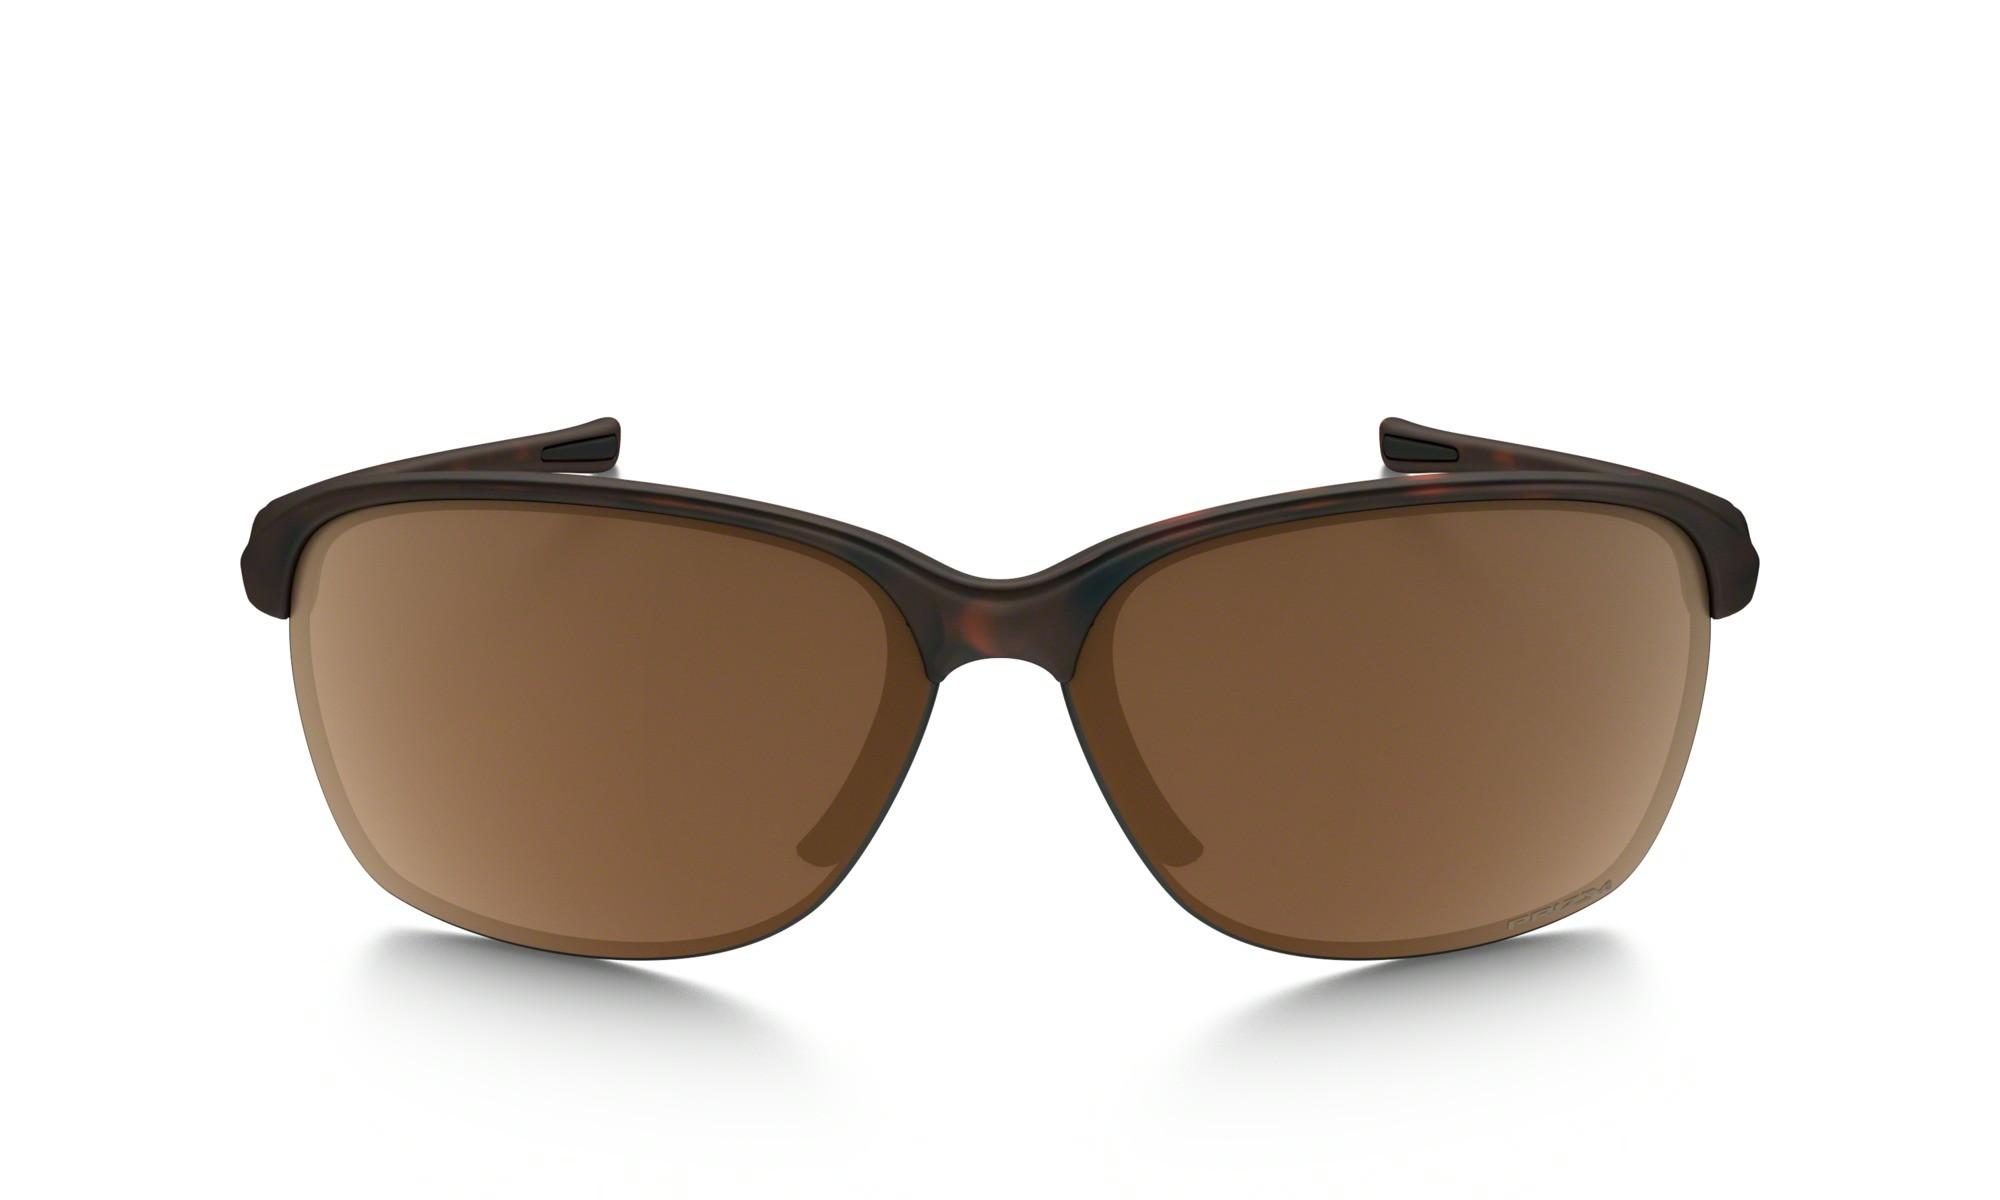 d5fb5e9f7c Oakley Unstoppable Matte Brown Tortoise Prizm Tungsten Polarized Sunglasses